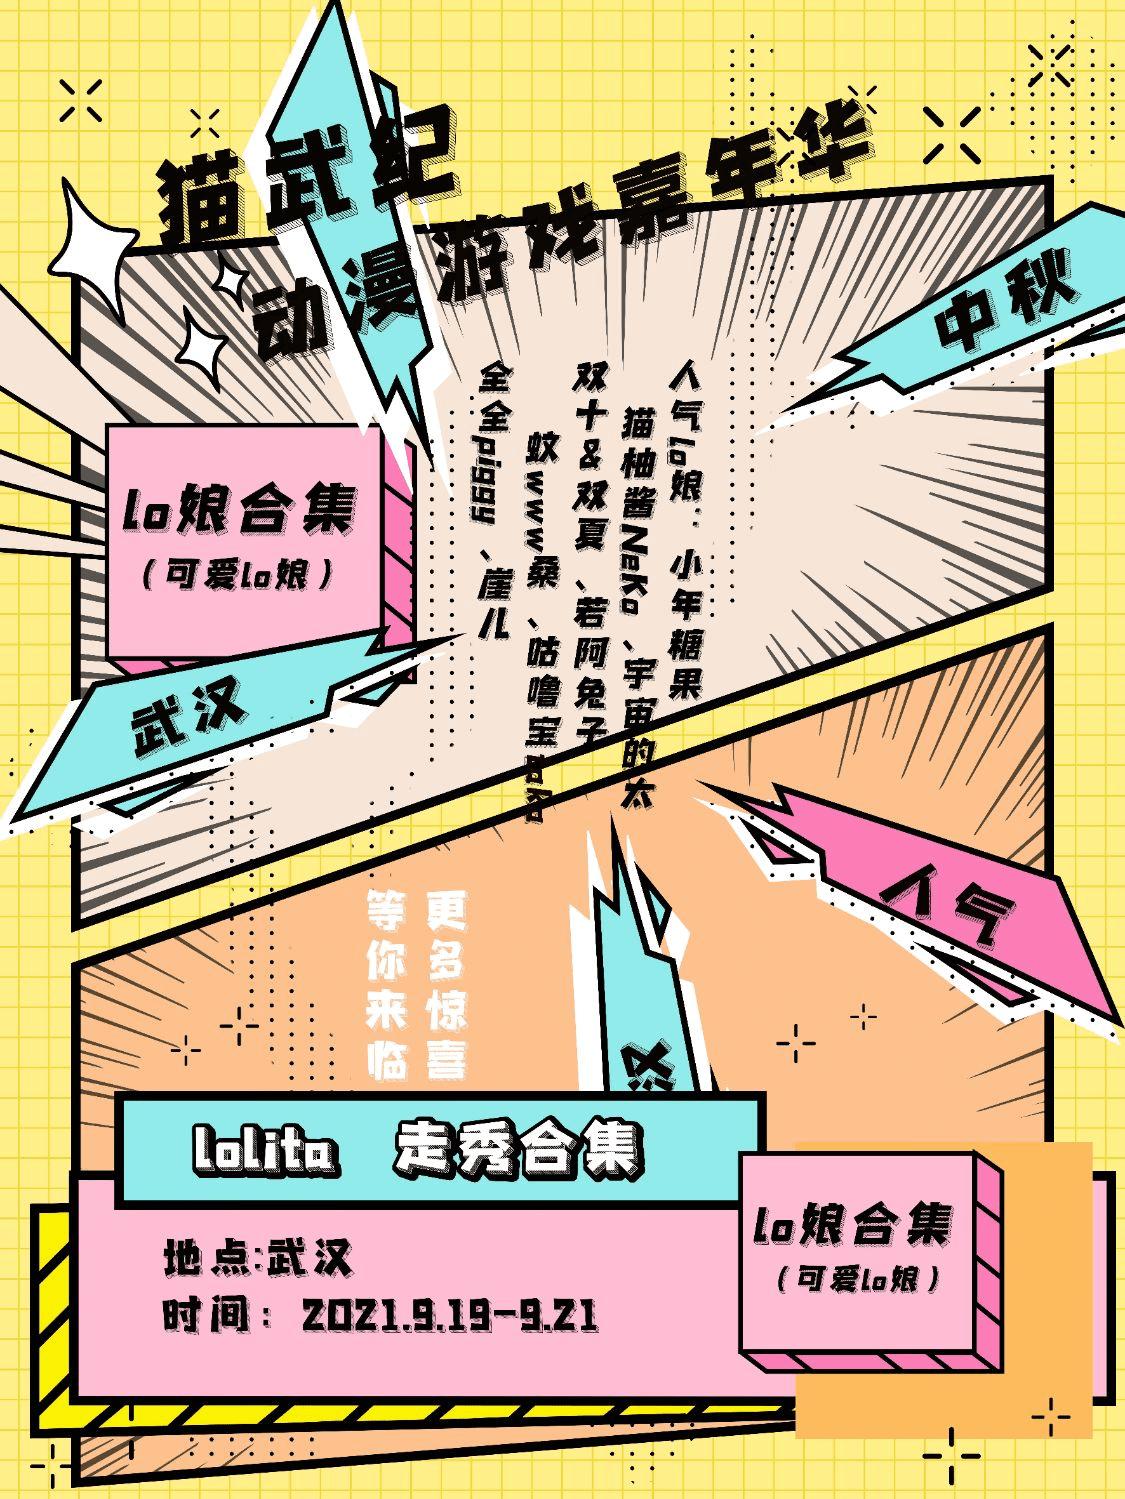 一线嘉宾蓄势待发!首届猫武纪游戏动漫嘉年华中秋正式开幕